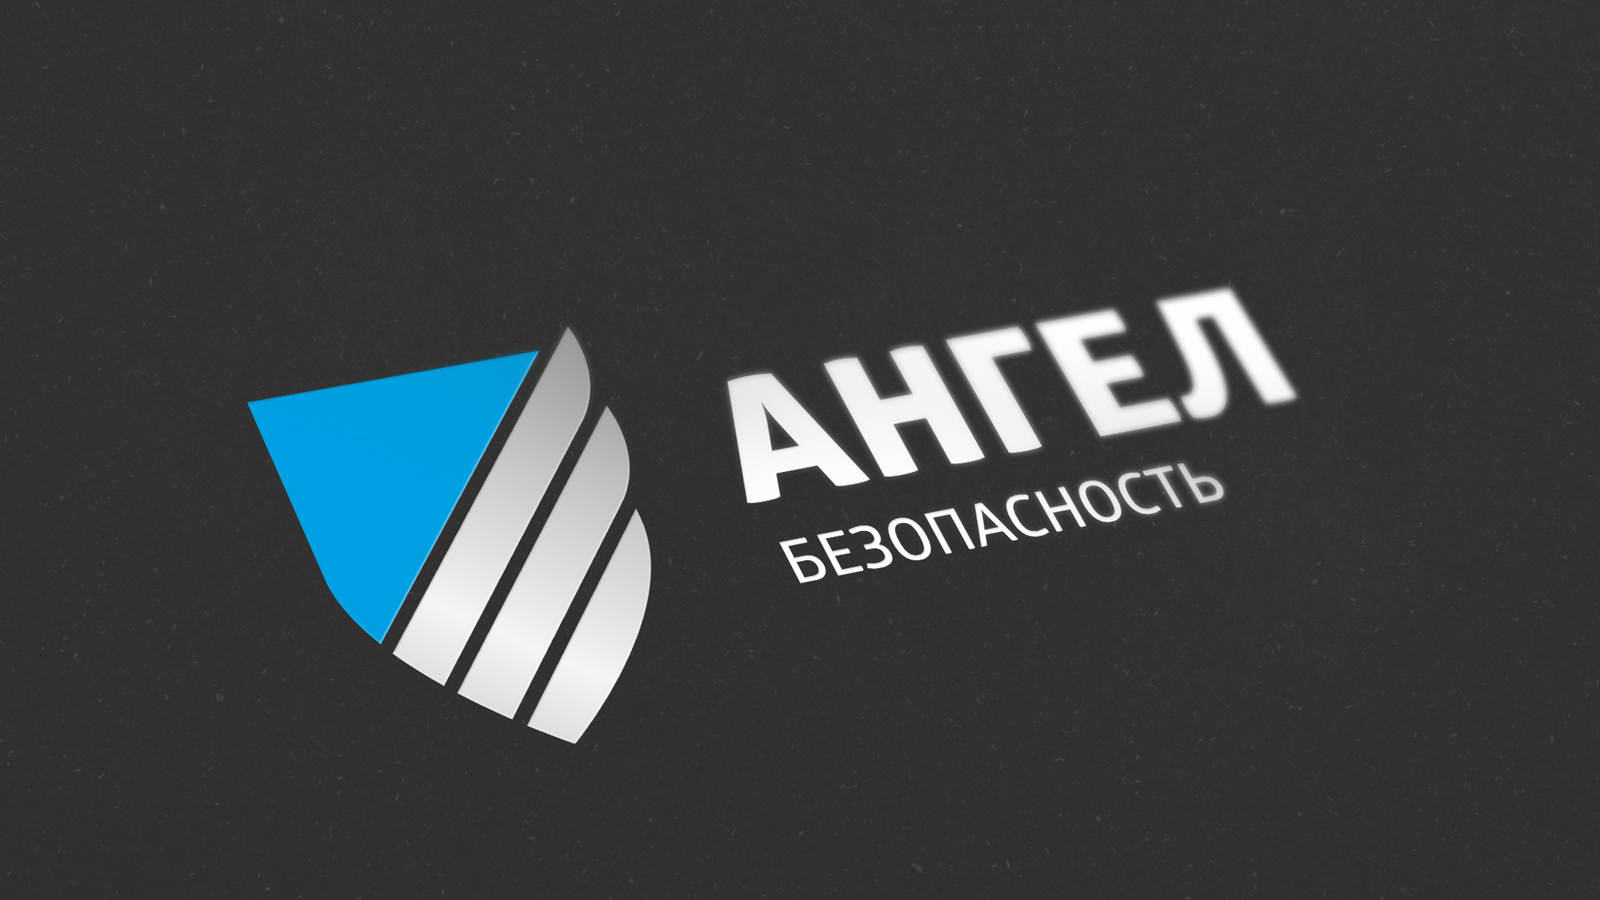 Разработка логотипа группы компаний «Ангел», который соответствует новой стратегии и образу бренда как современного охранного предприятия с высококачественным сервисом, лидера рынка в своем сегменте